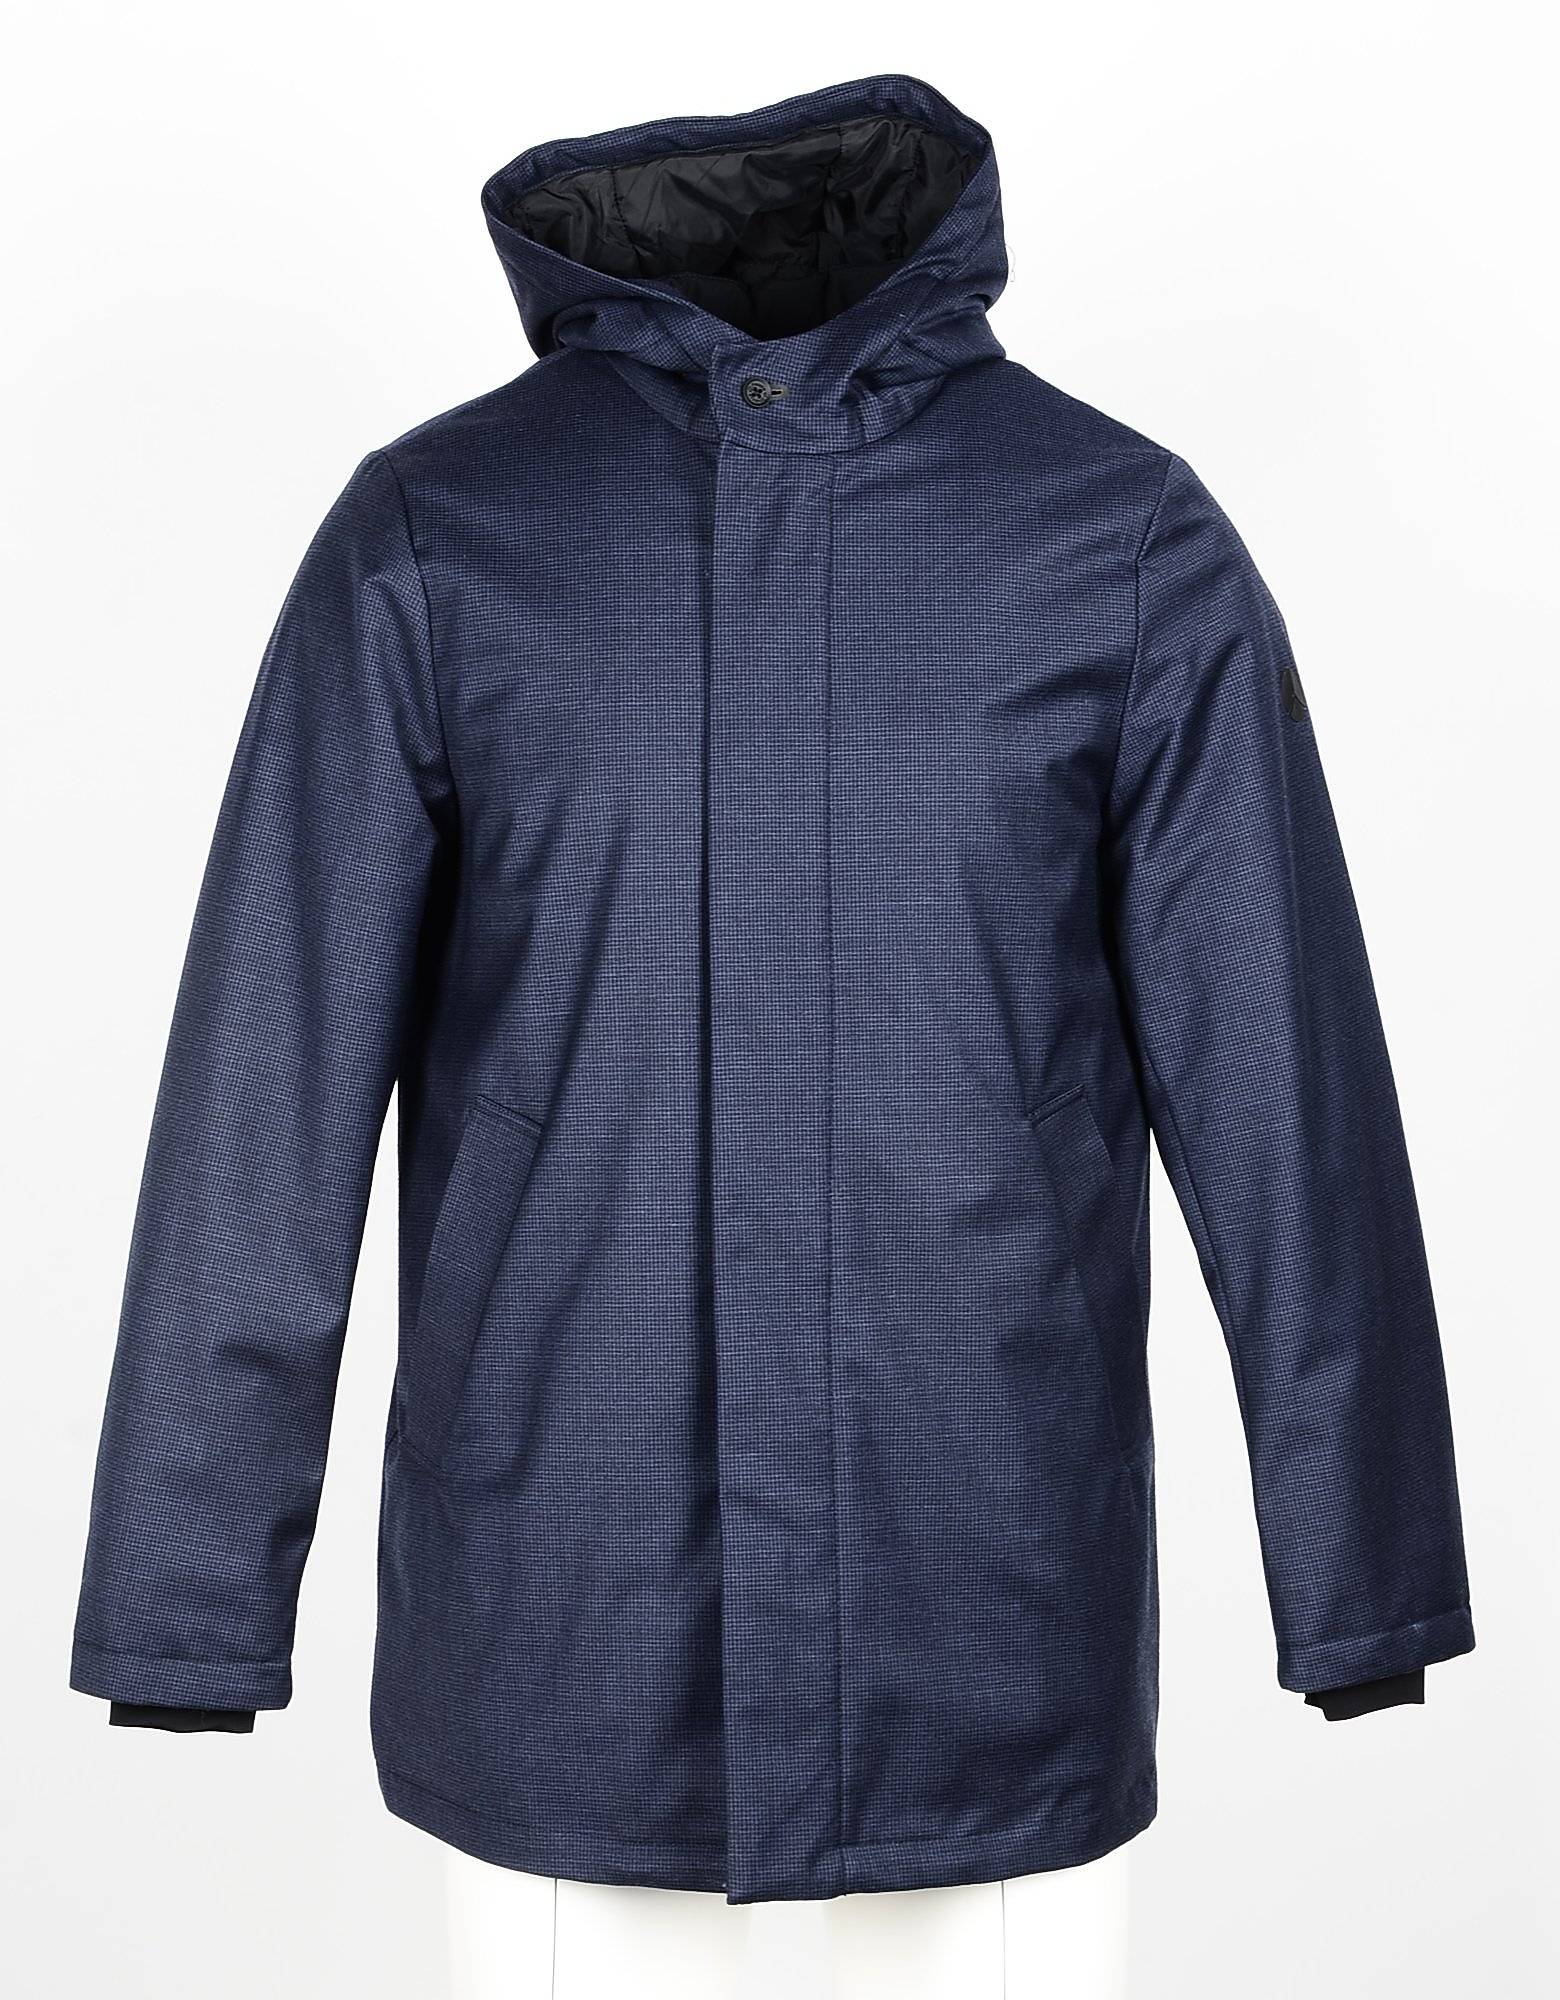 People of Shibuya Designer Coats & Jackets, Men's Blue Jacket